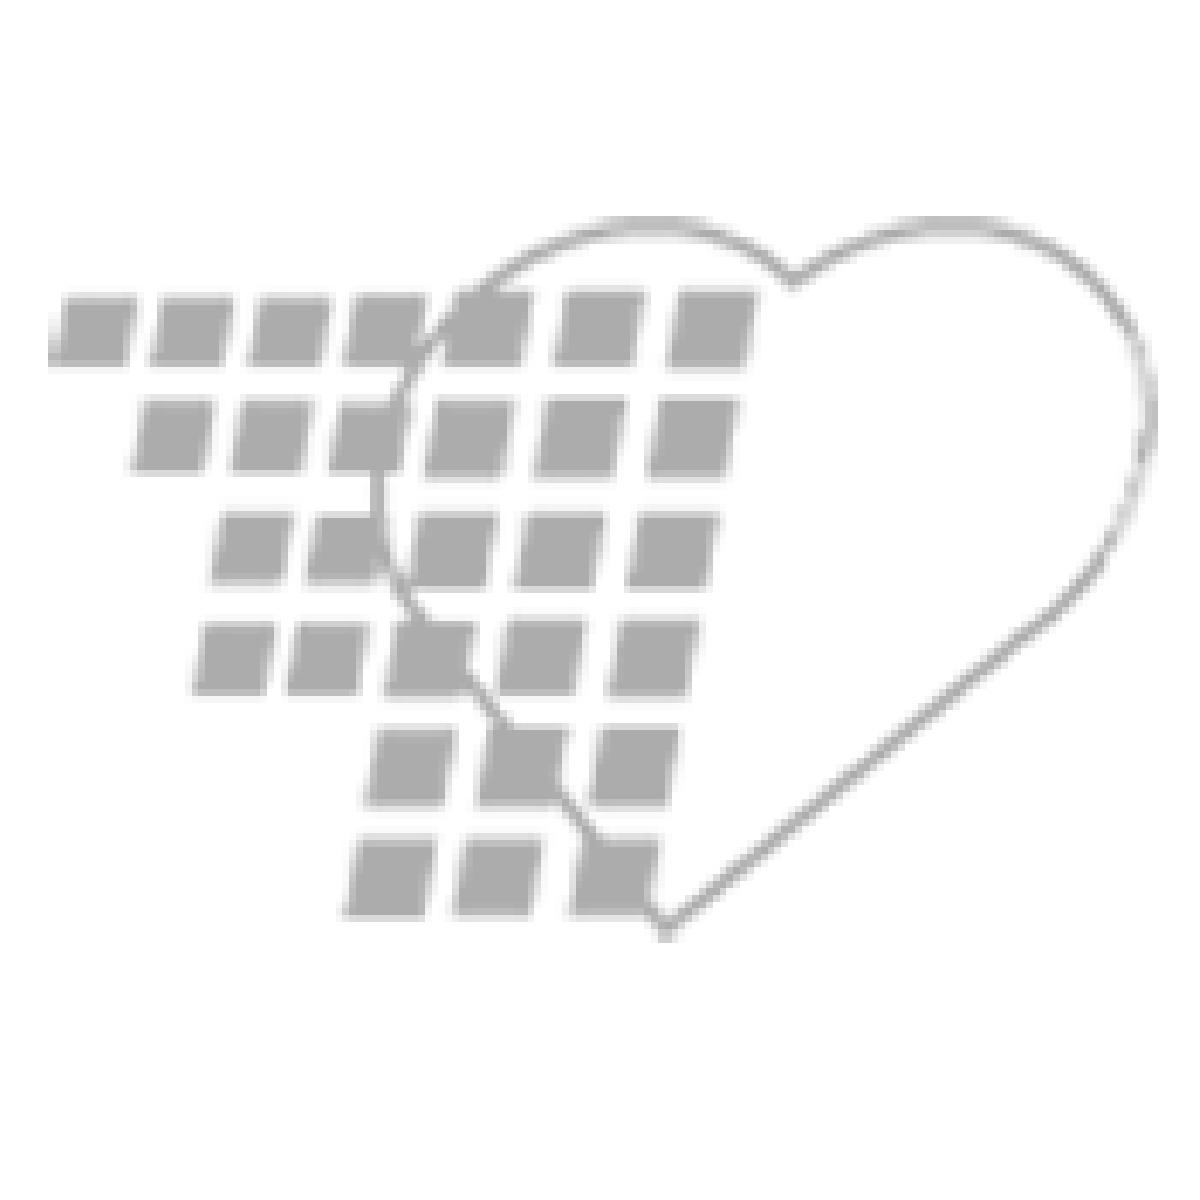 06-93-0273 - Demo Dose® Ampule Breakers